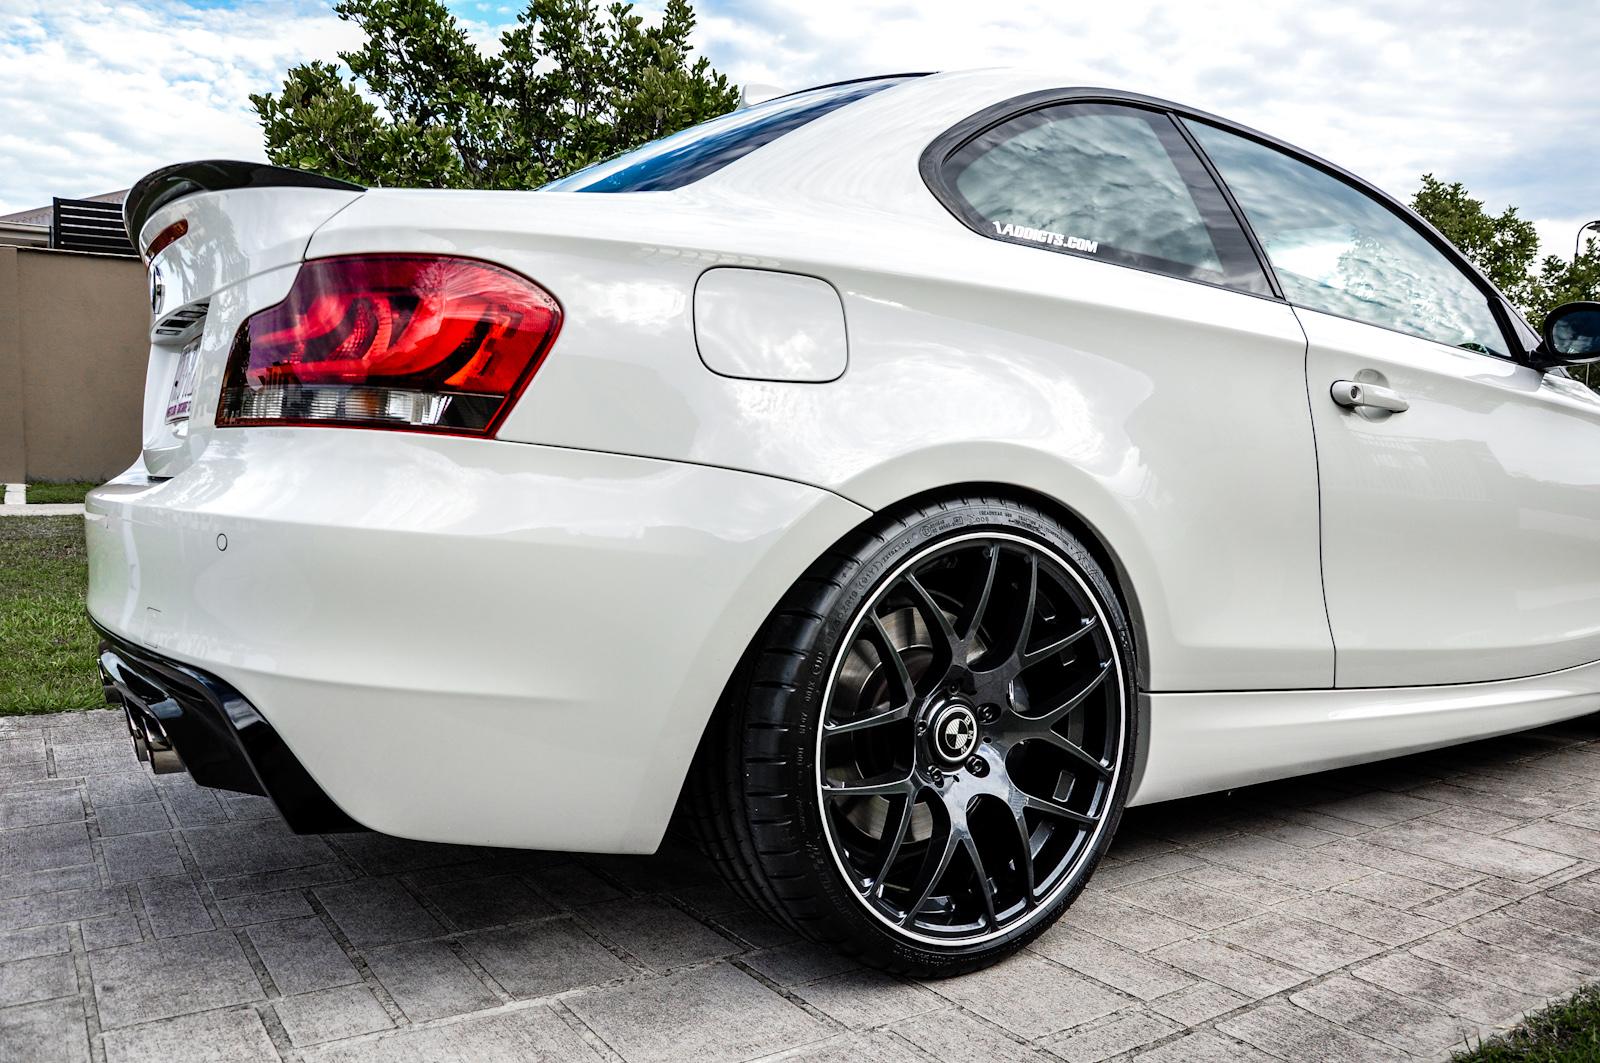 New Wheels V710 Galaxy Black On Alpine White